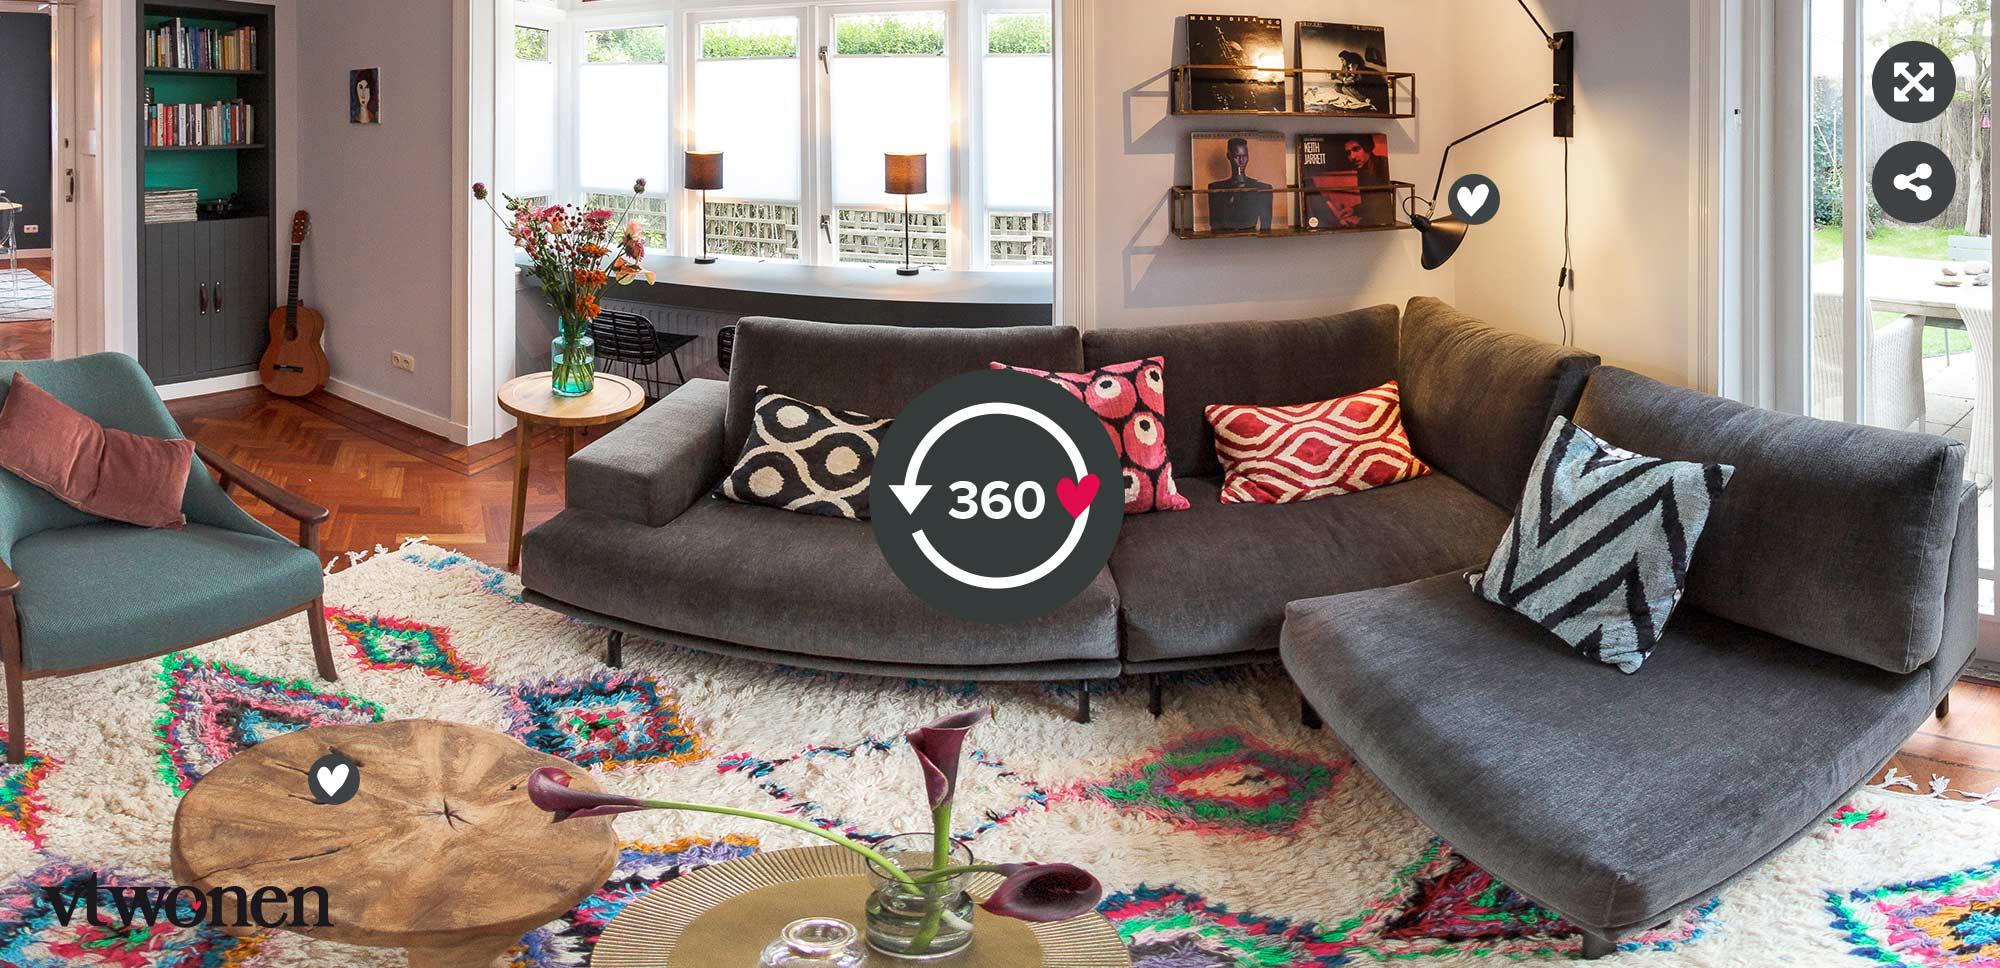 weer verliefd op je huis: 360 tour make over aflevering 7 seizoen 9